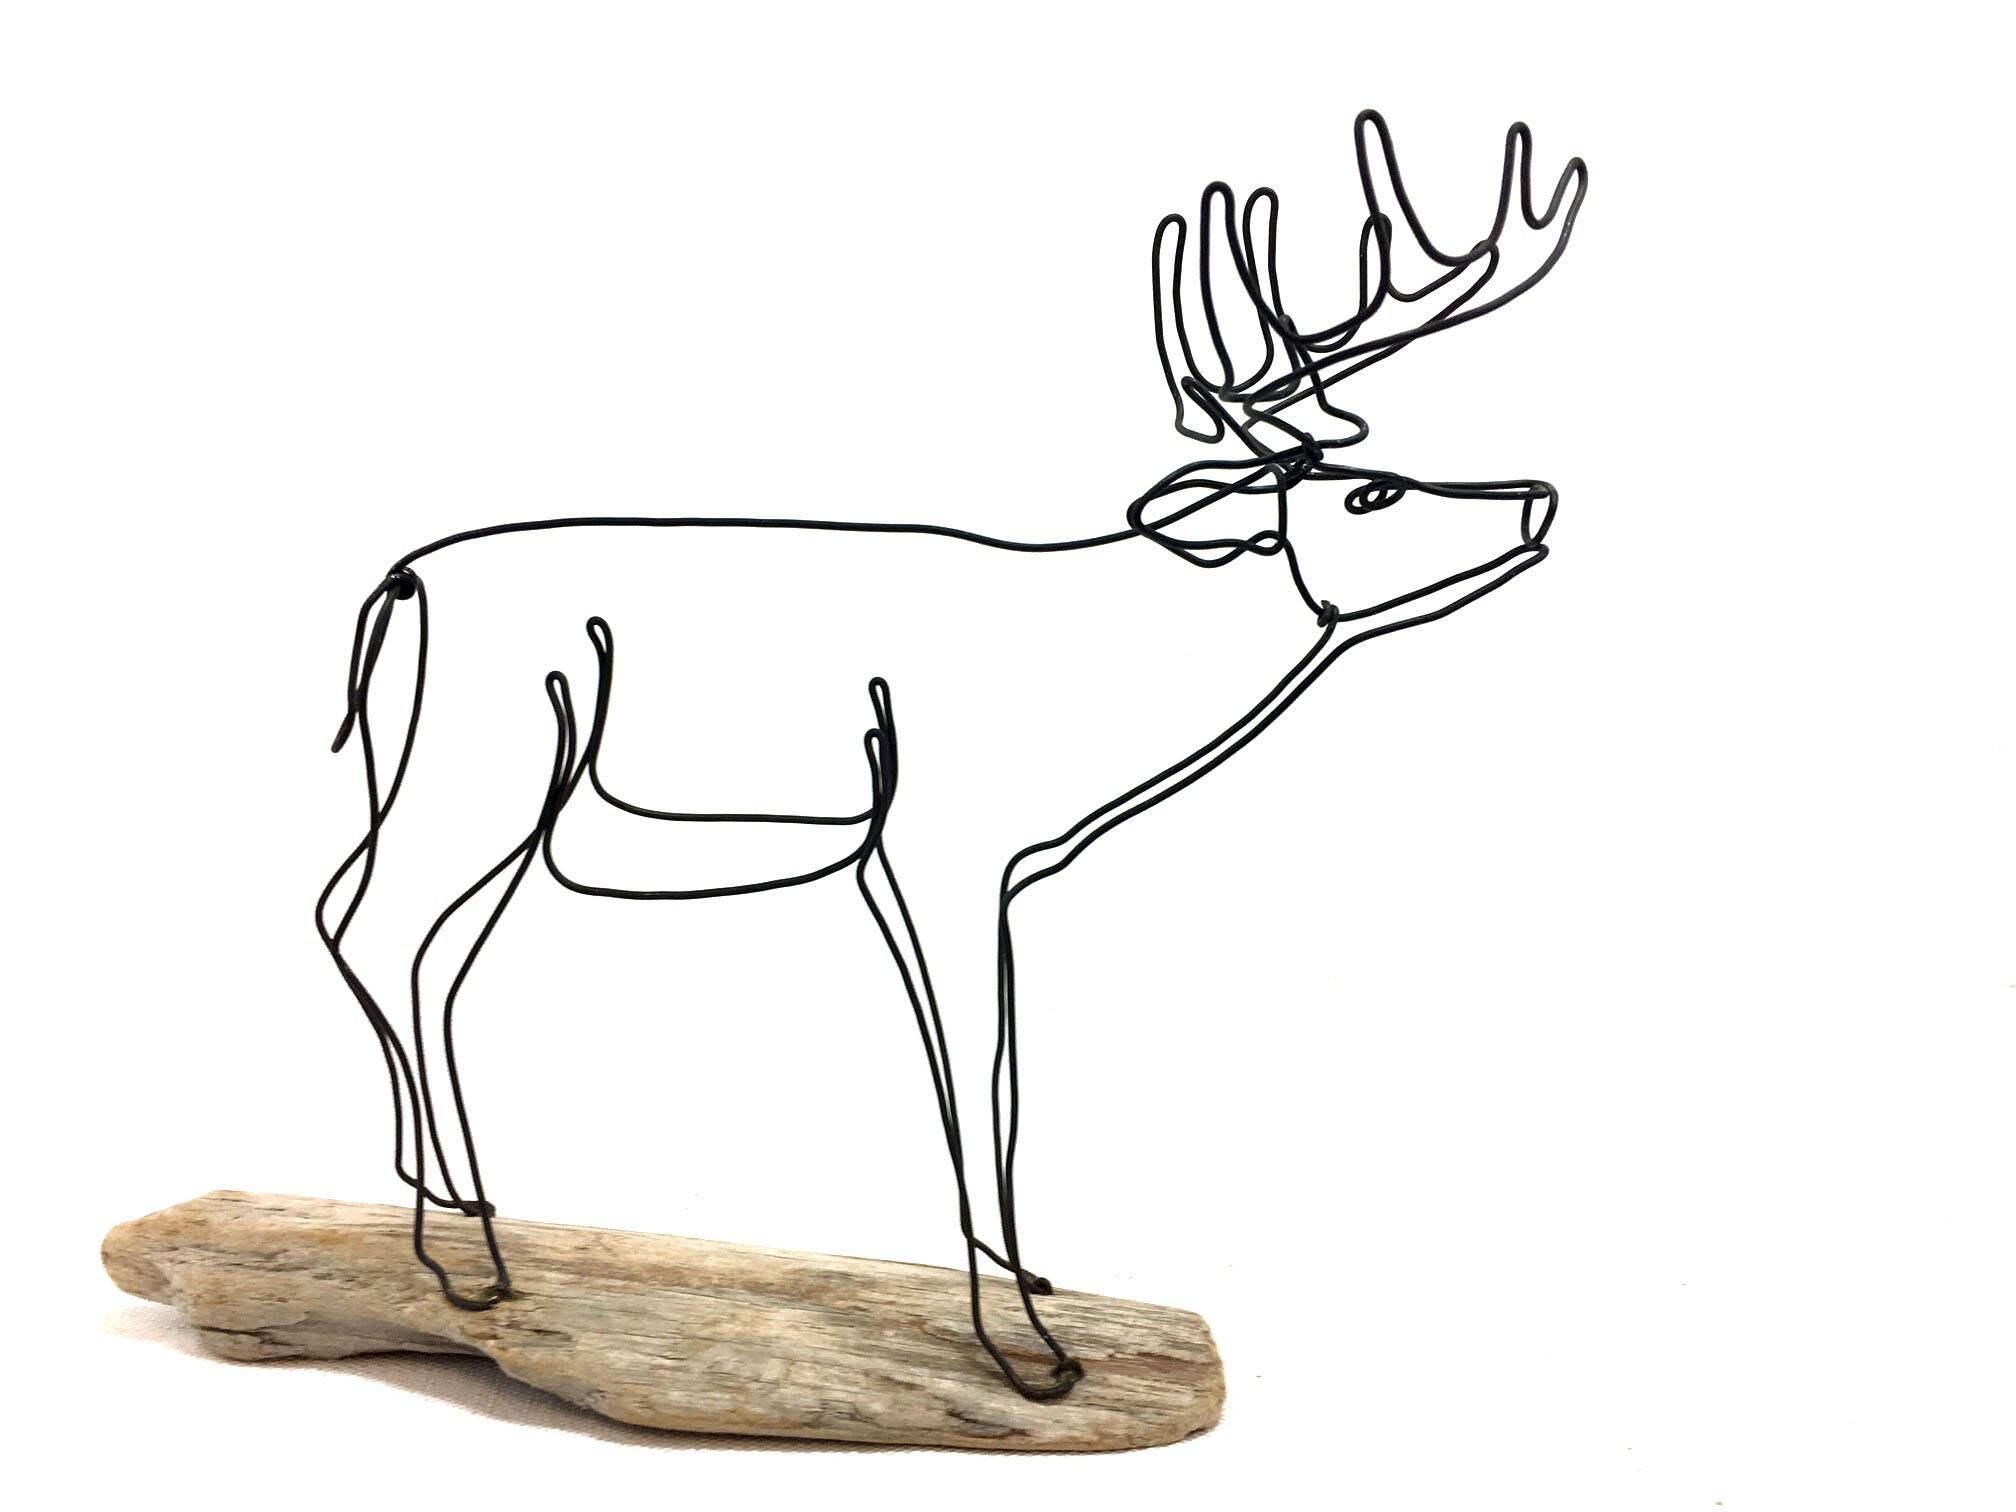 Hirsch Draht Skulptur Reh Draht Kunst Trophäe Buck